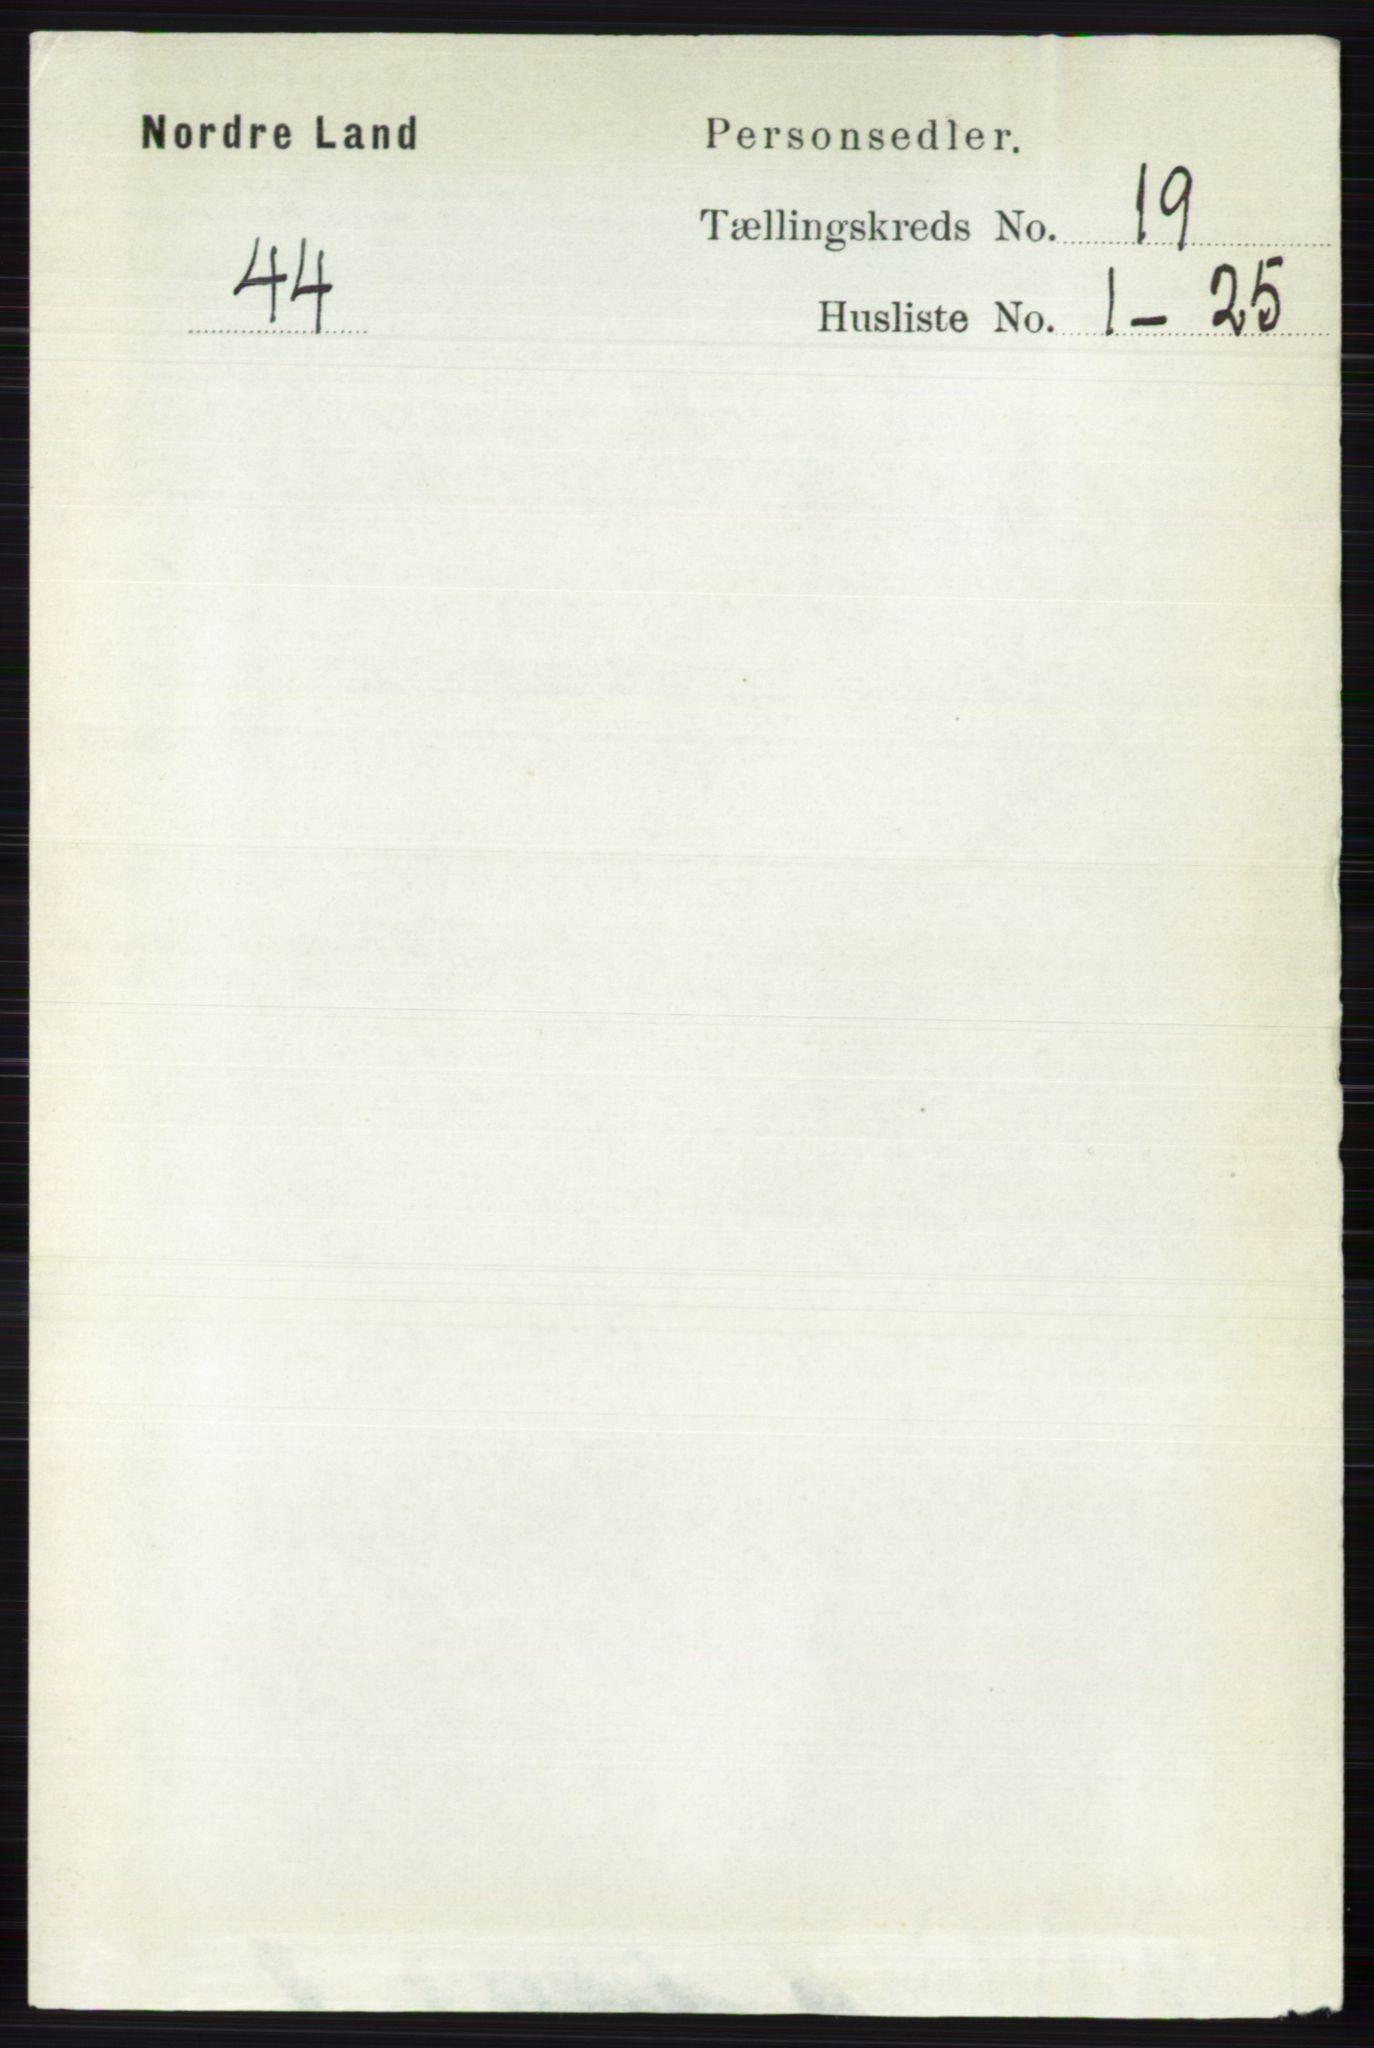 RA, Folketelling 1891 for 0538 Nordre Land herred, 1891, s. 4620